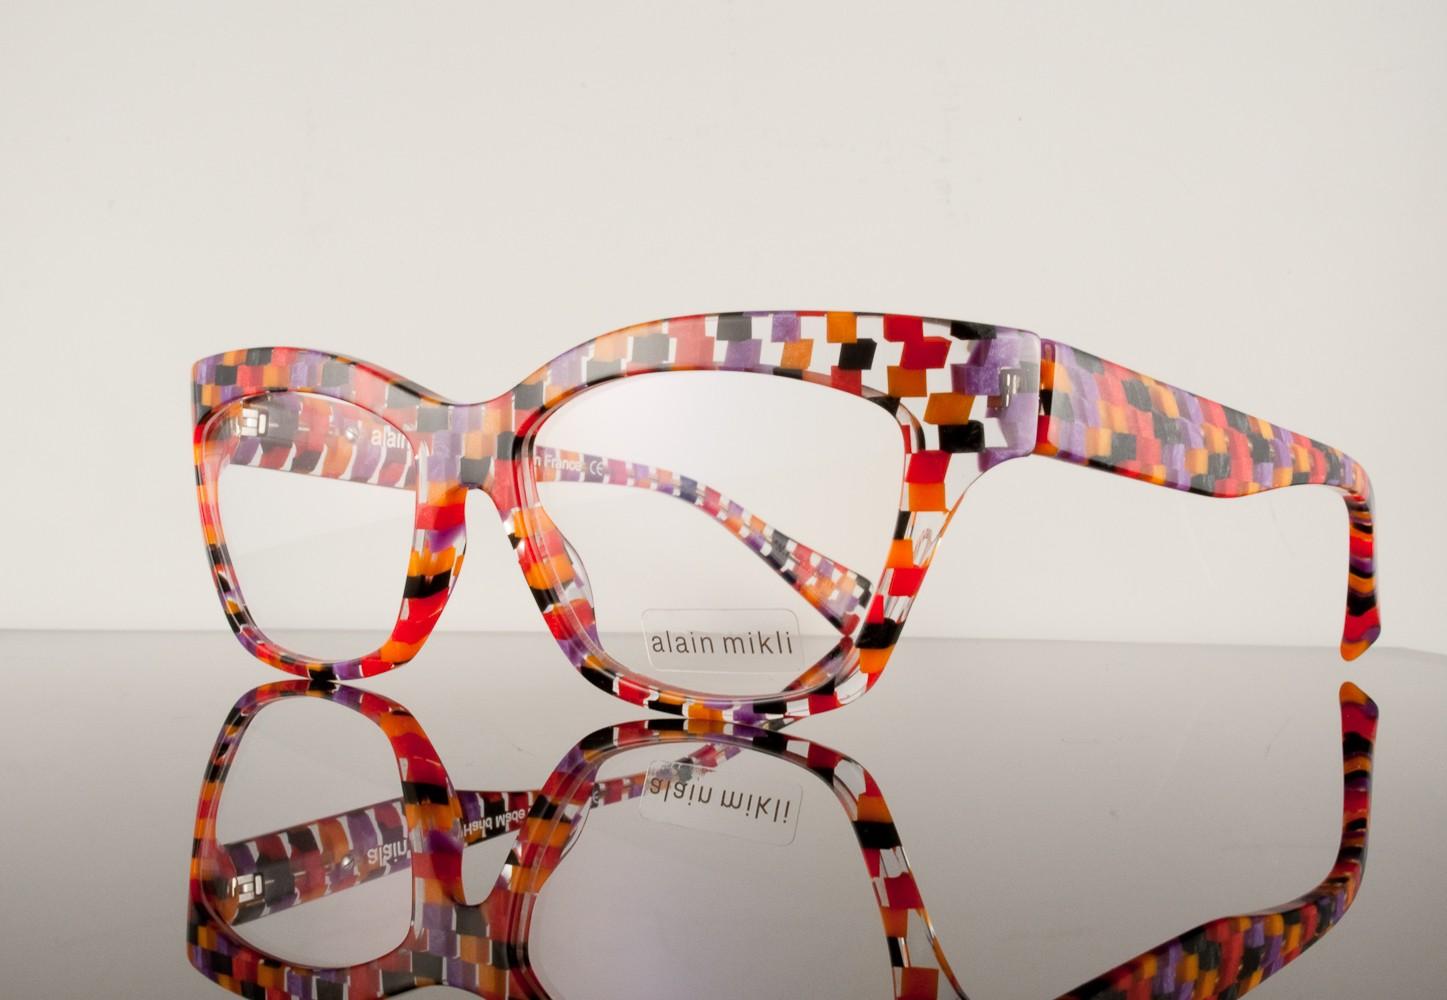 Gafas originales de colores del autor Alain Mikli